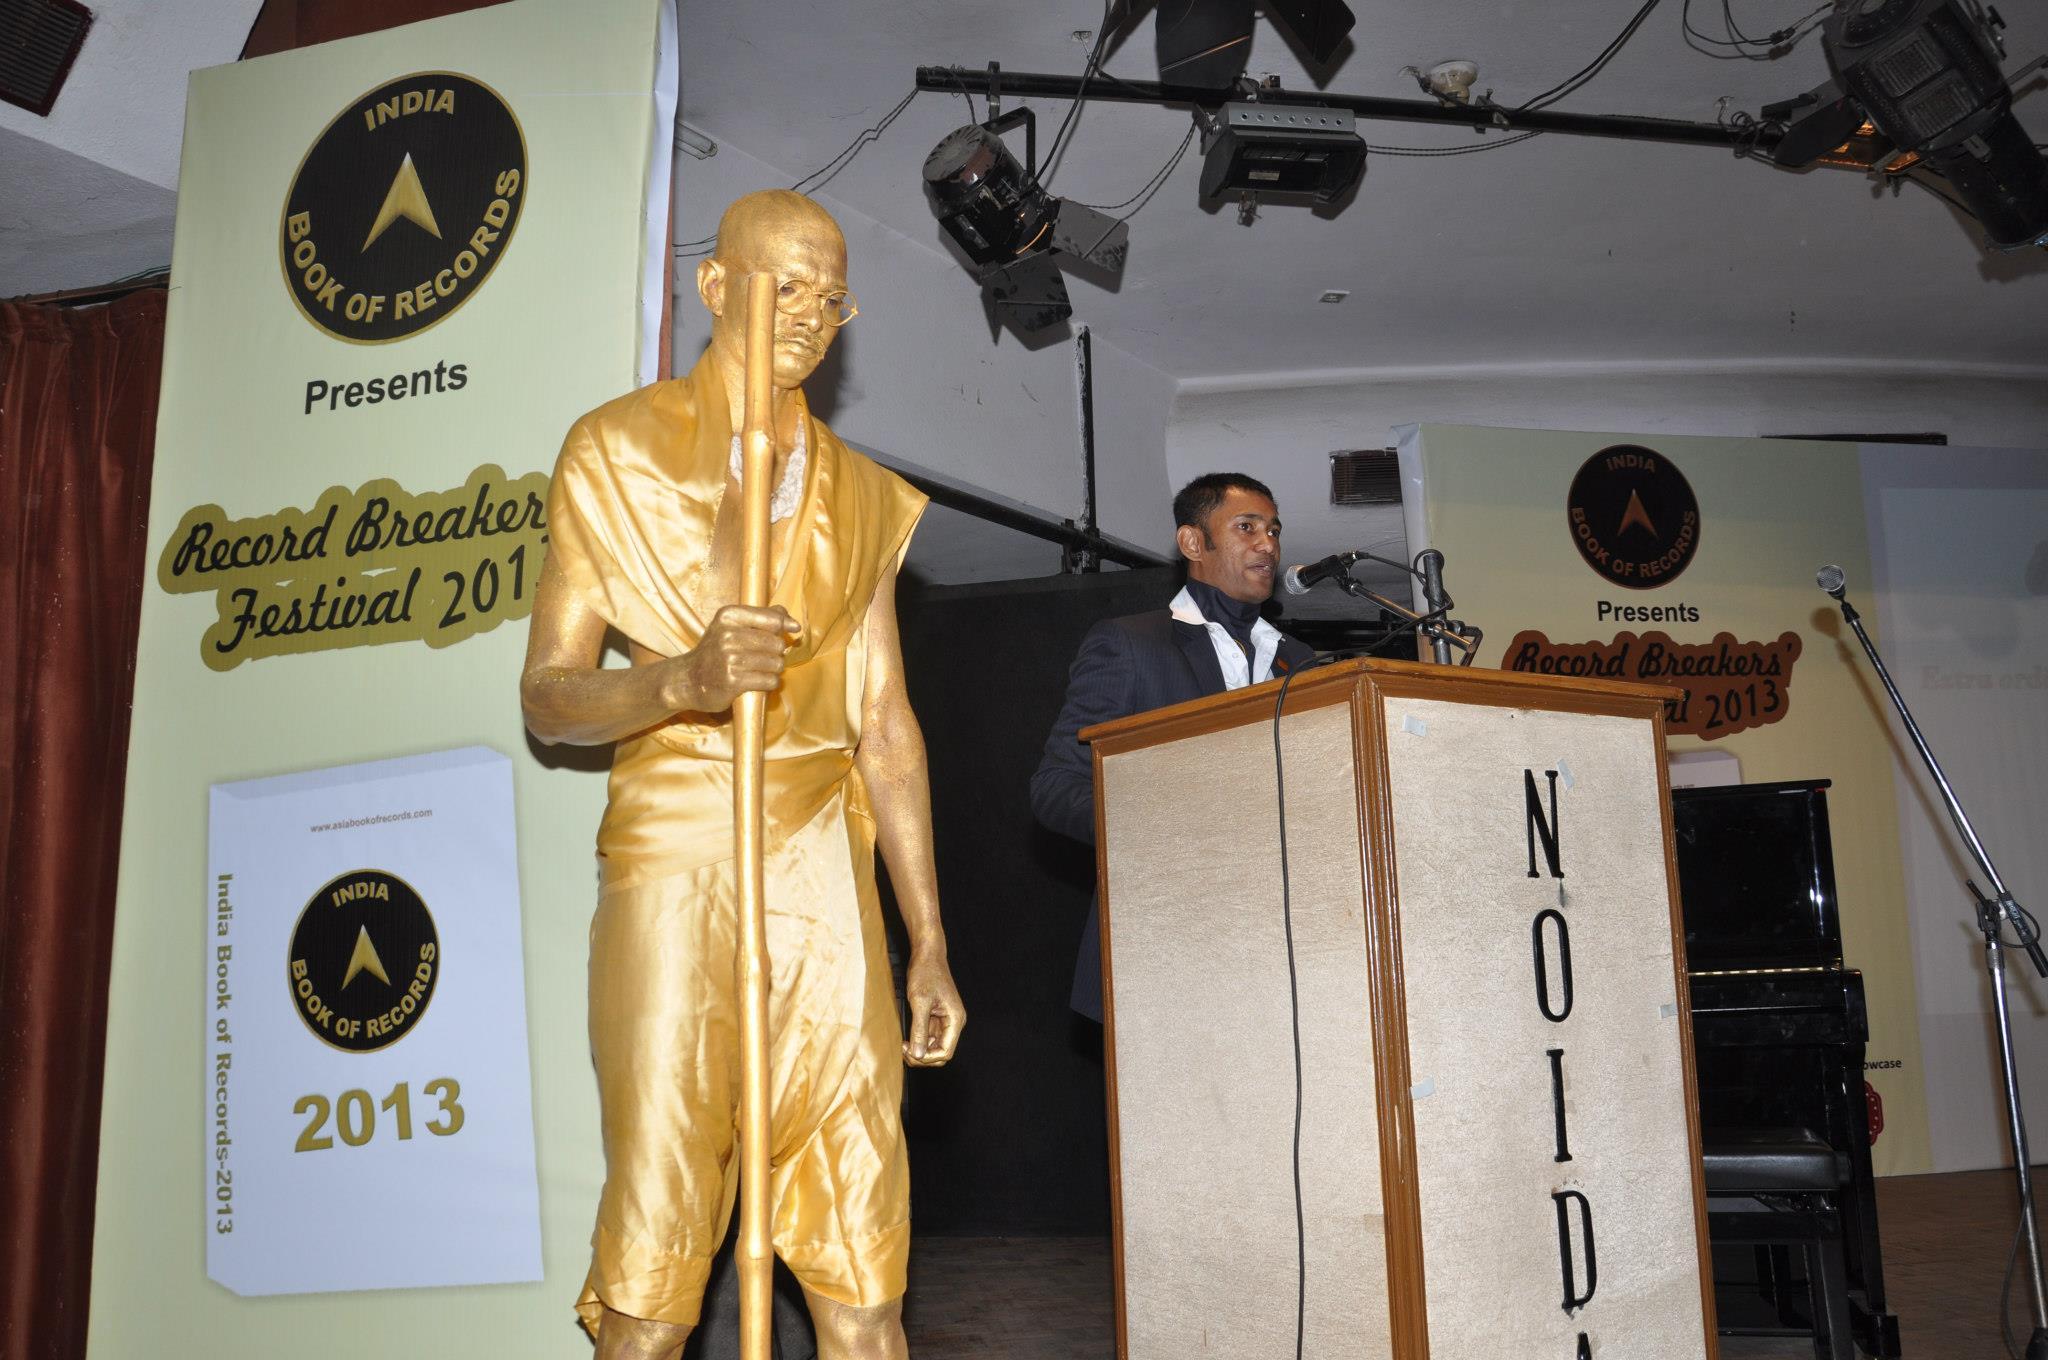 Noida Diary: Record Breakers' Festival 2013 at Noida